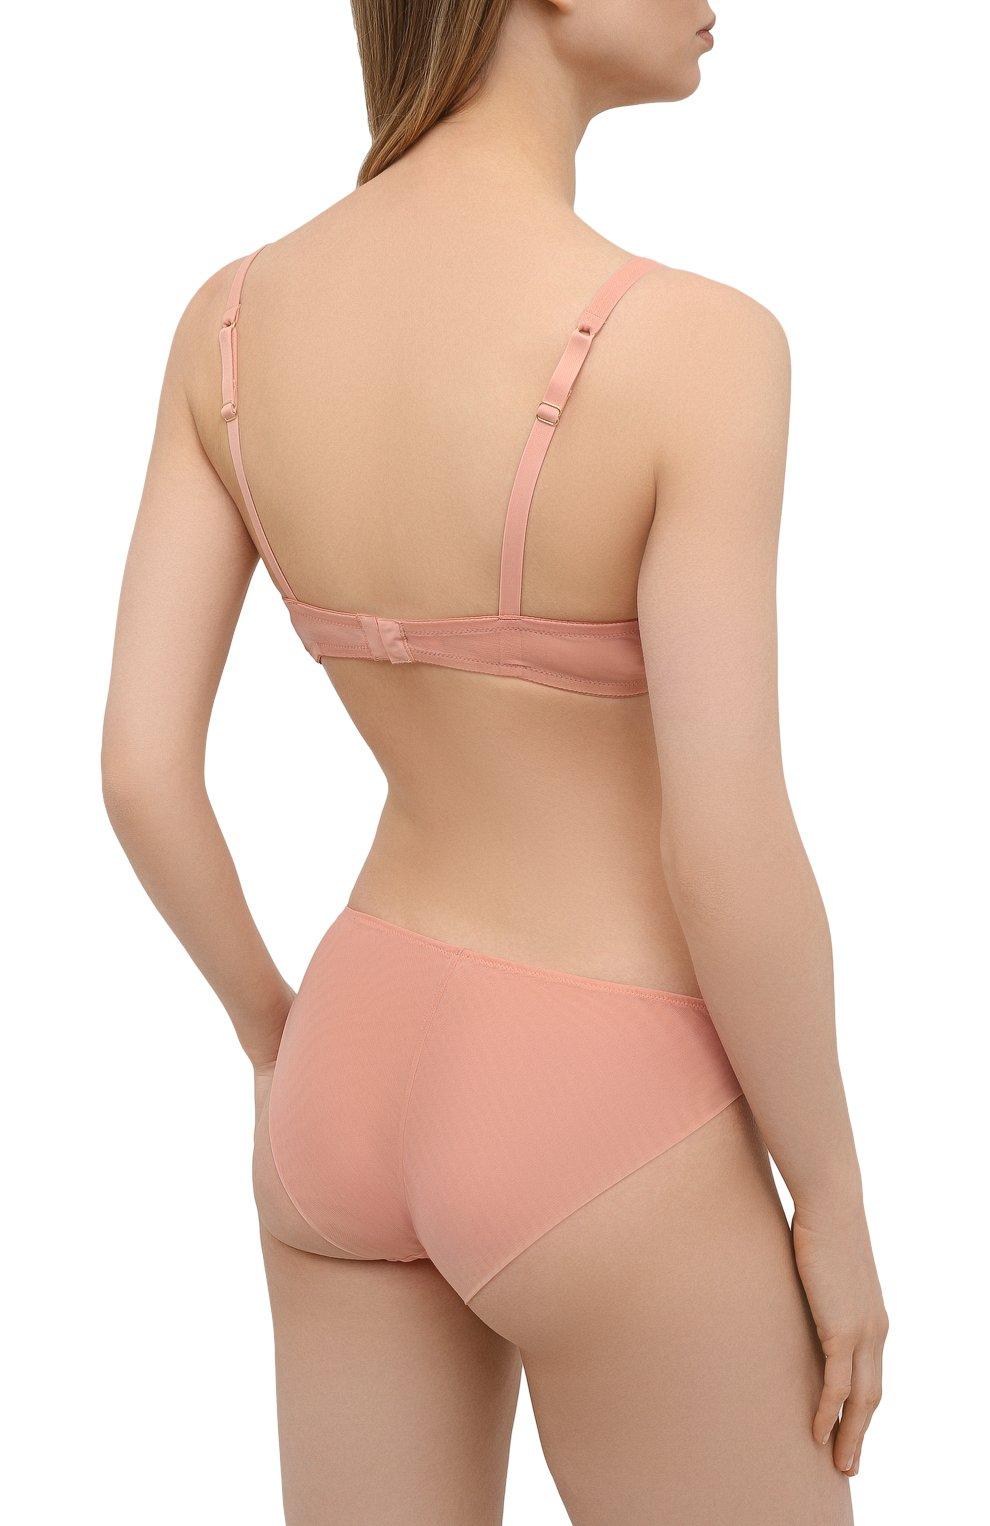 Женский бюстгальтер с чашкой пуш-ап RITRATTI MILANO светло-розового цвета, арт. 72470 | Фото 3